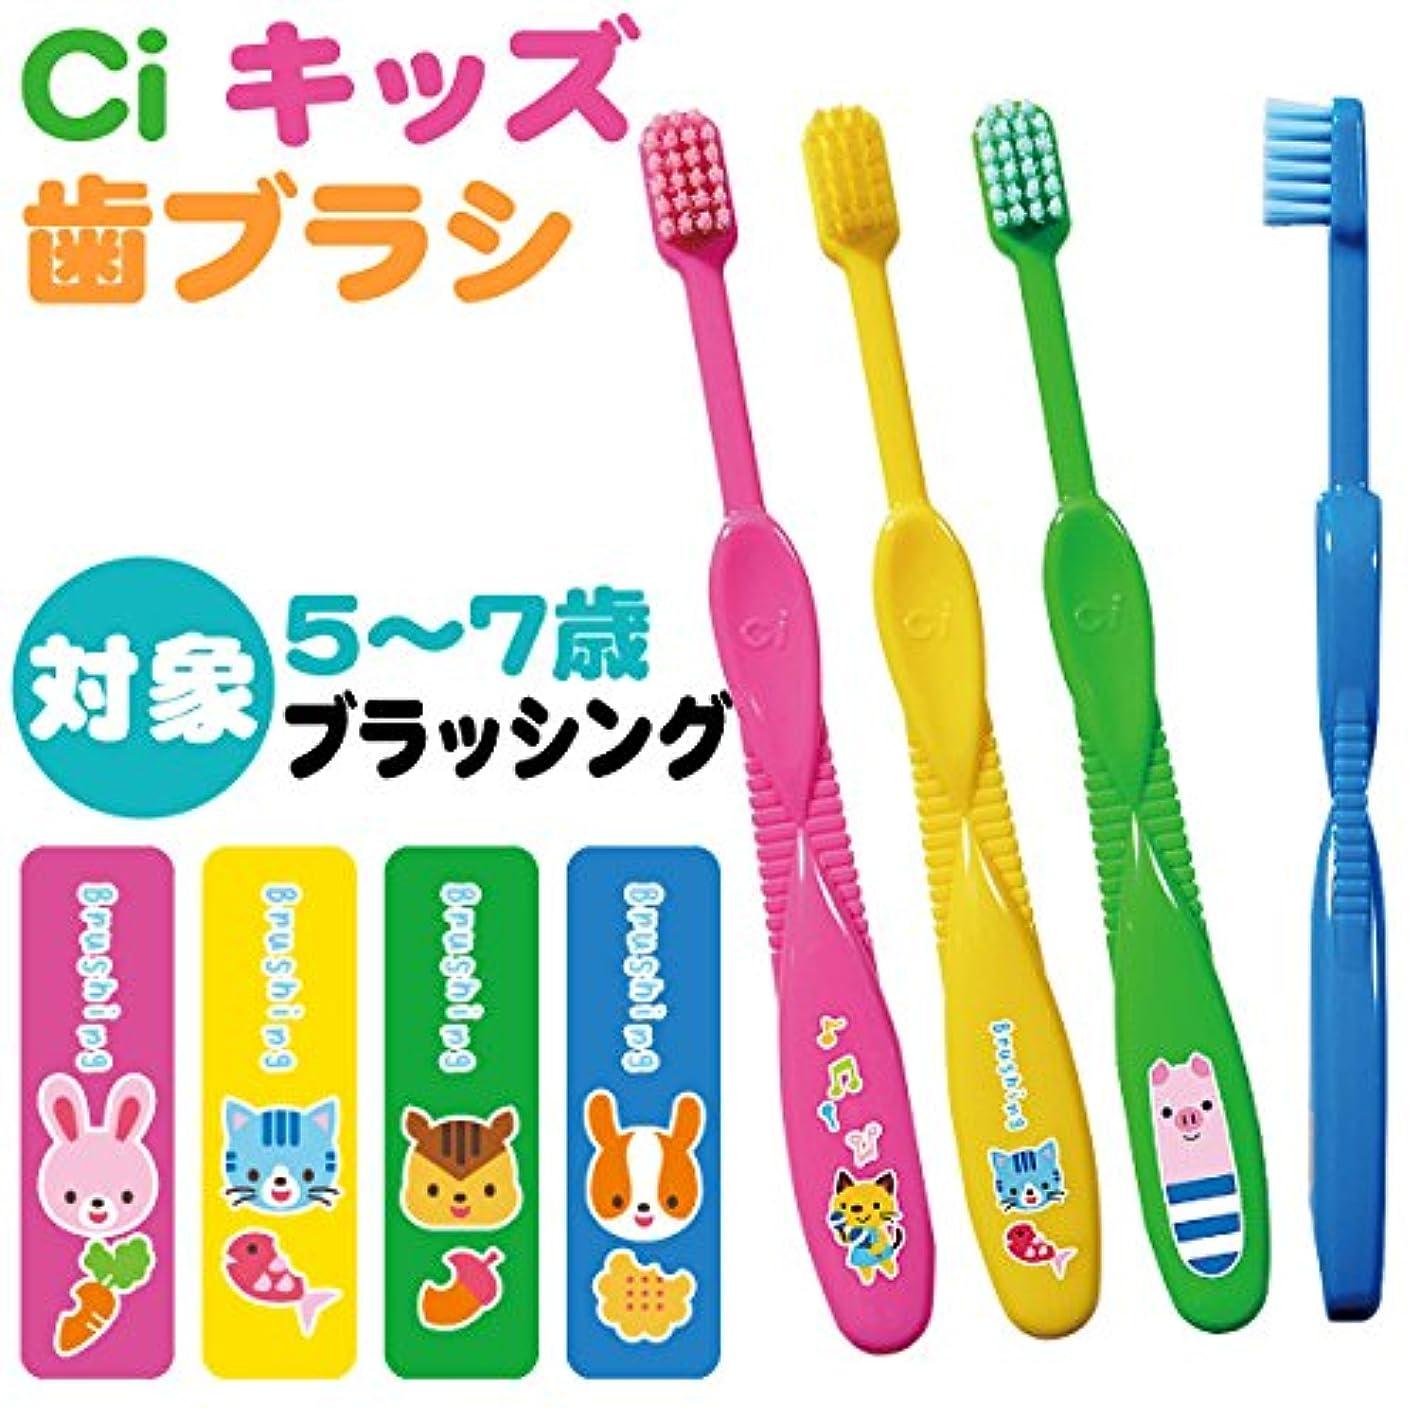 スイング反対検出するCiキッズ歯ブラシ ブラッシング柄 24本